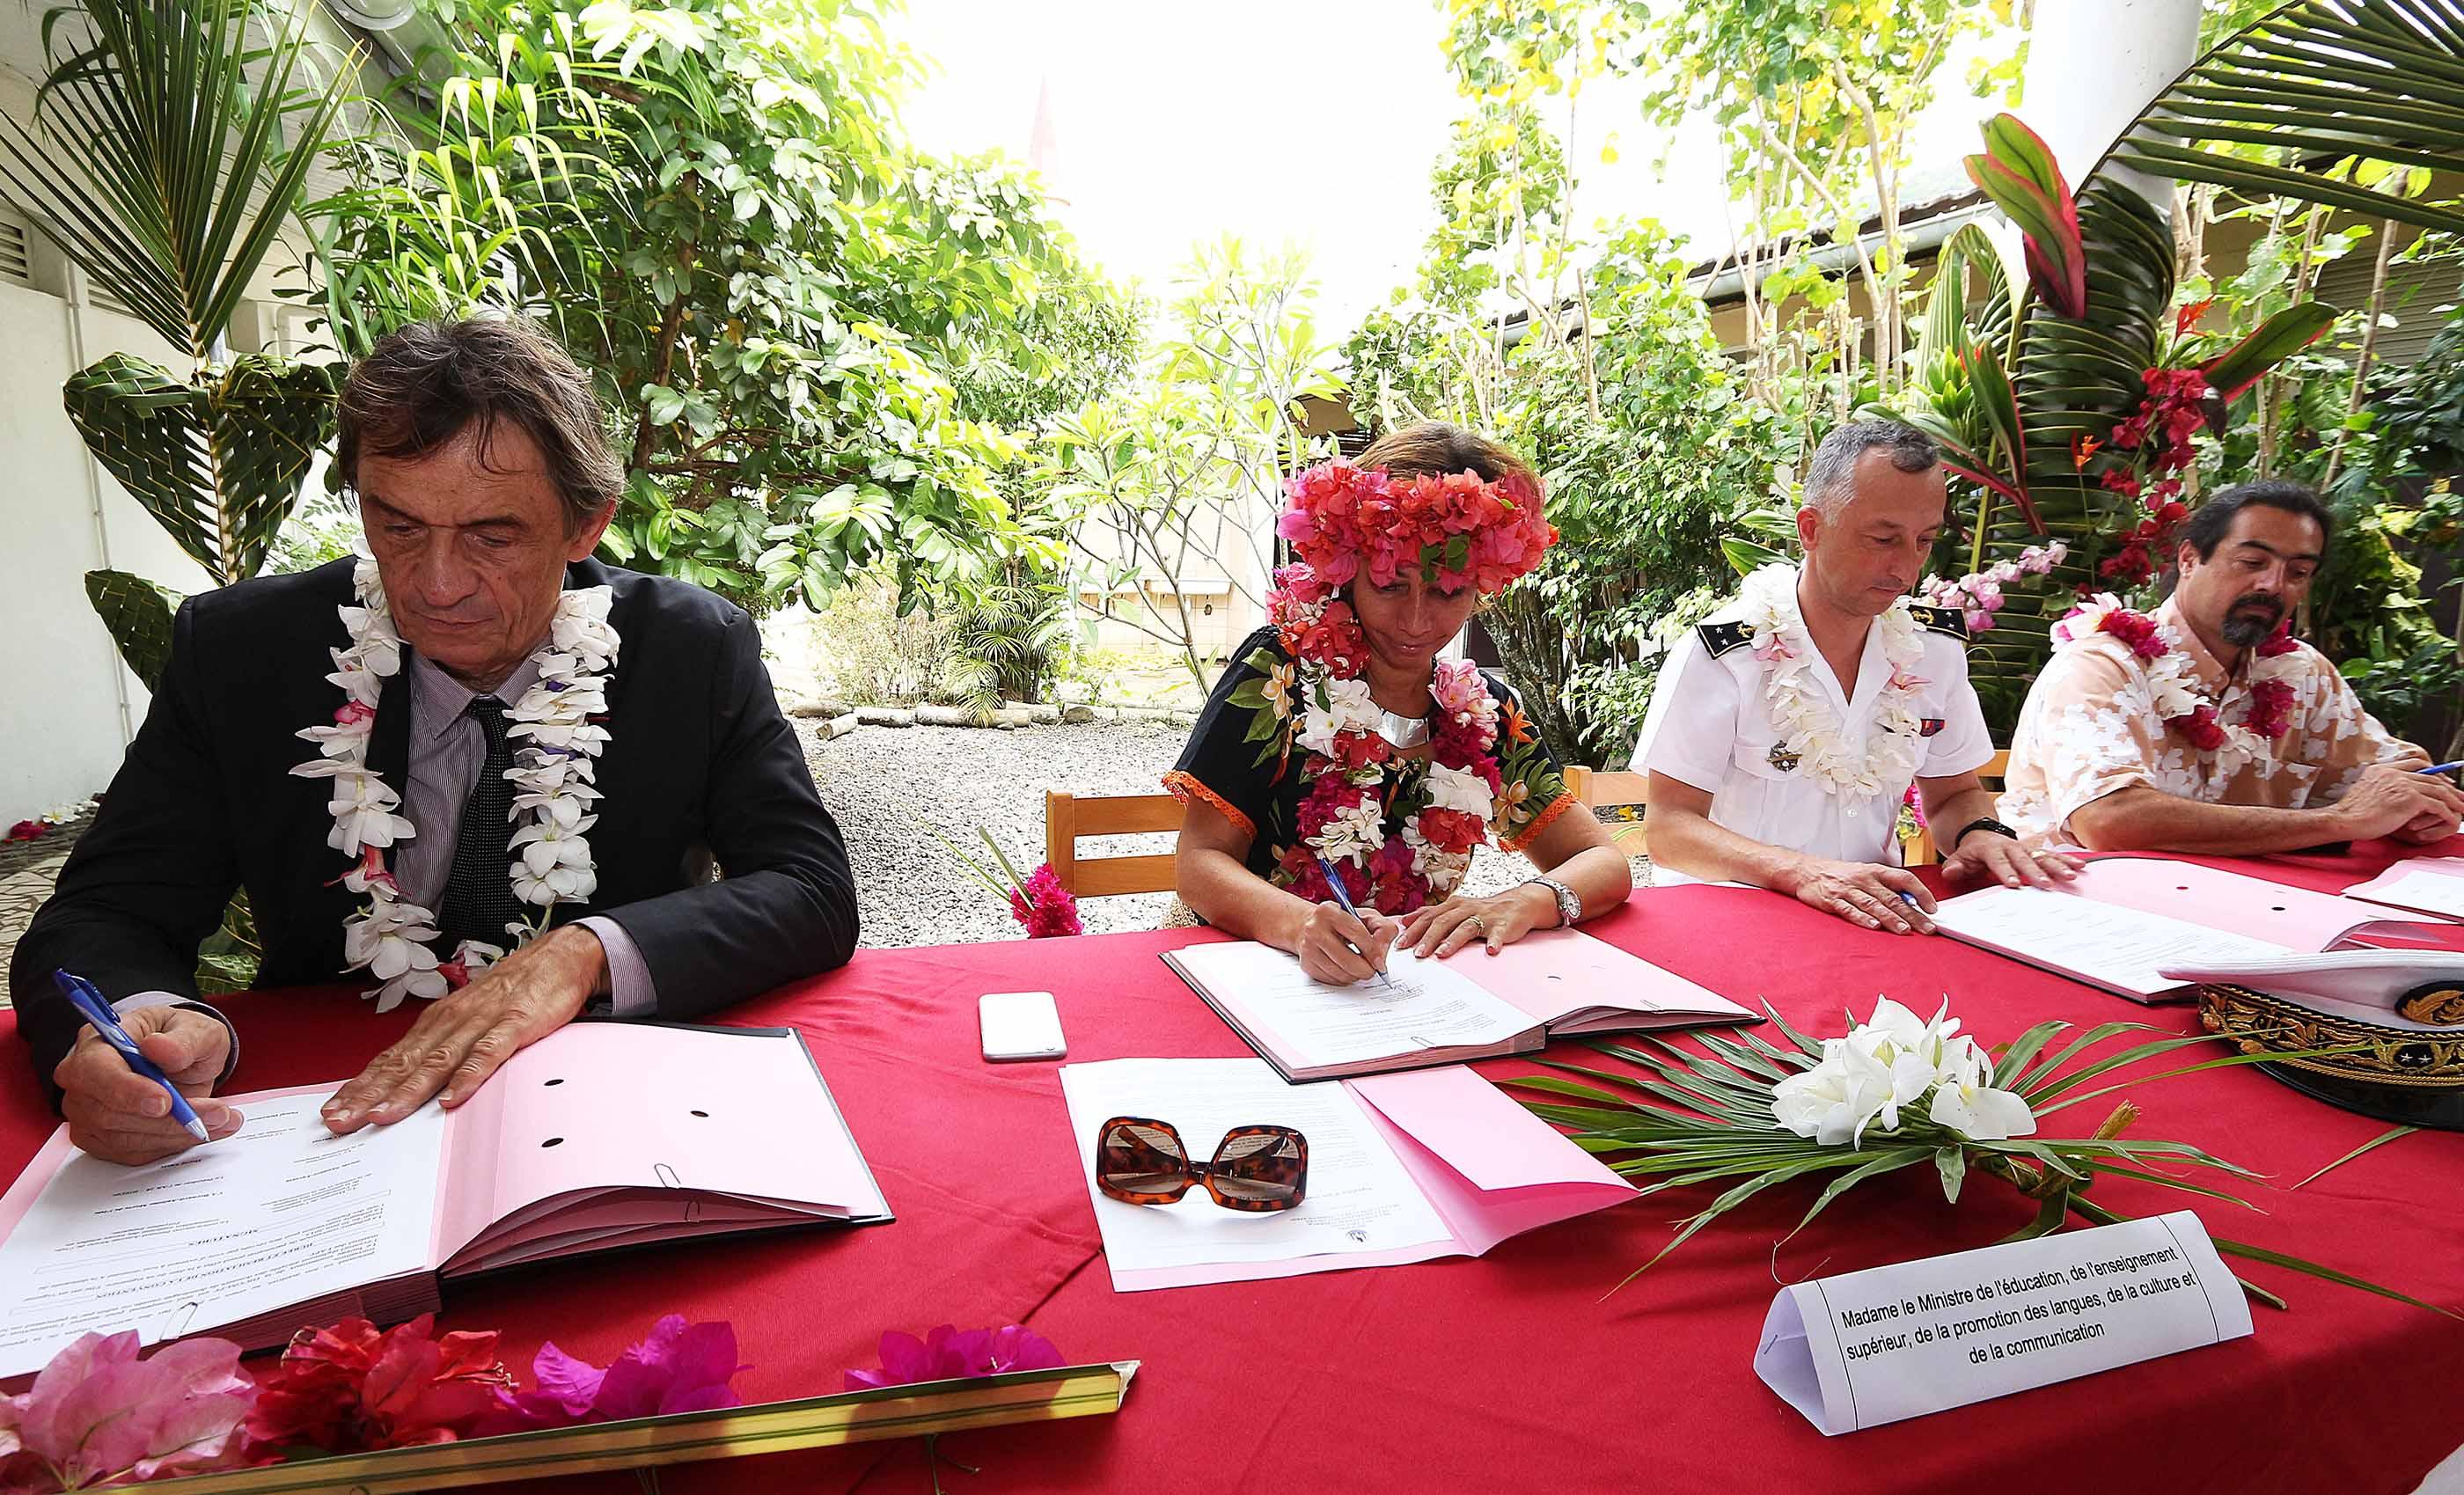 La ministre Nicole Sanquer, l'amiral Bernard-Antoine Morio De L'isle, le Vice-recteur, Pascal Charvet lors de la signature de la convention pour la création d'une classe de défense et de sécurité globale au collège de Papara, ce jeudi